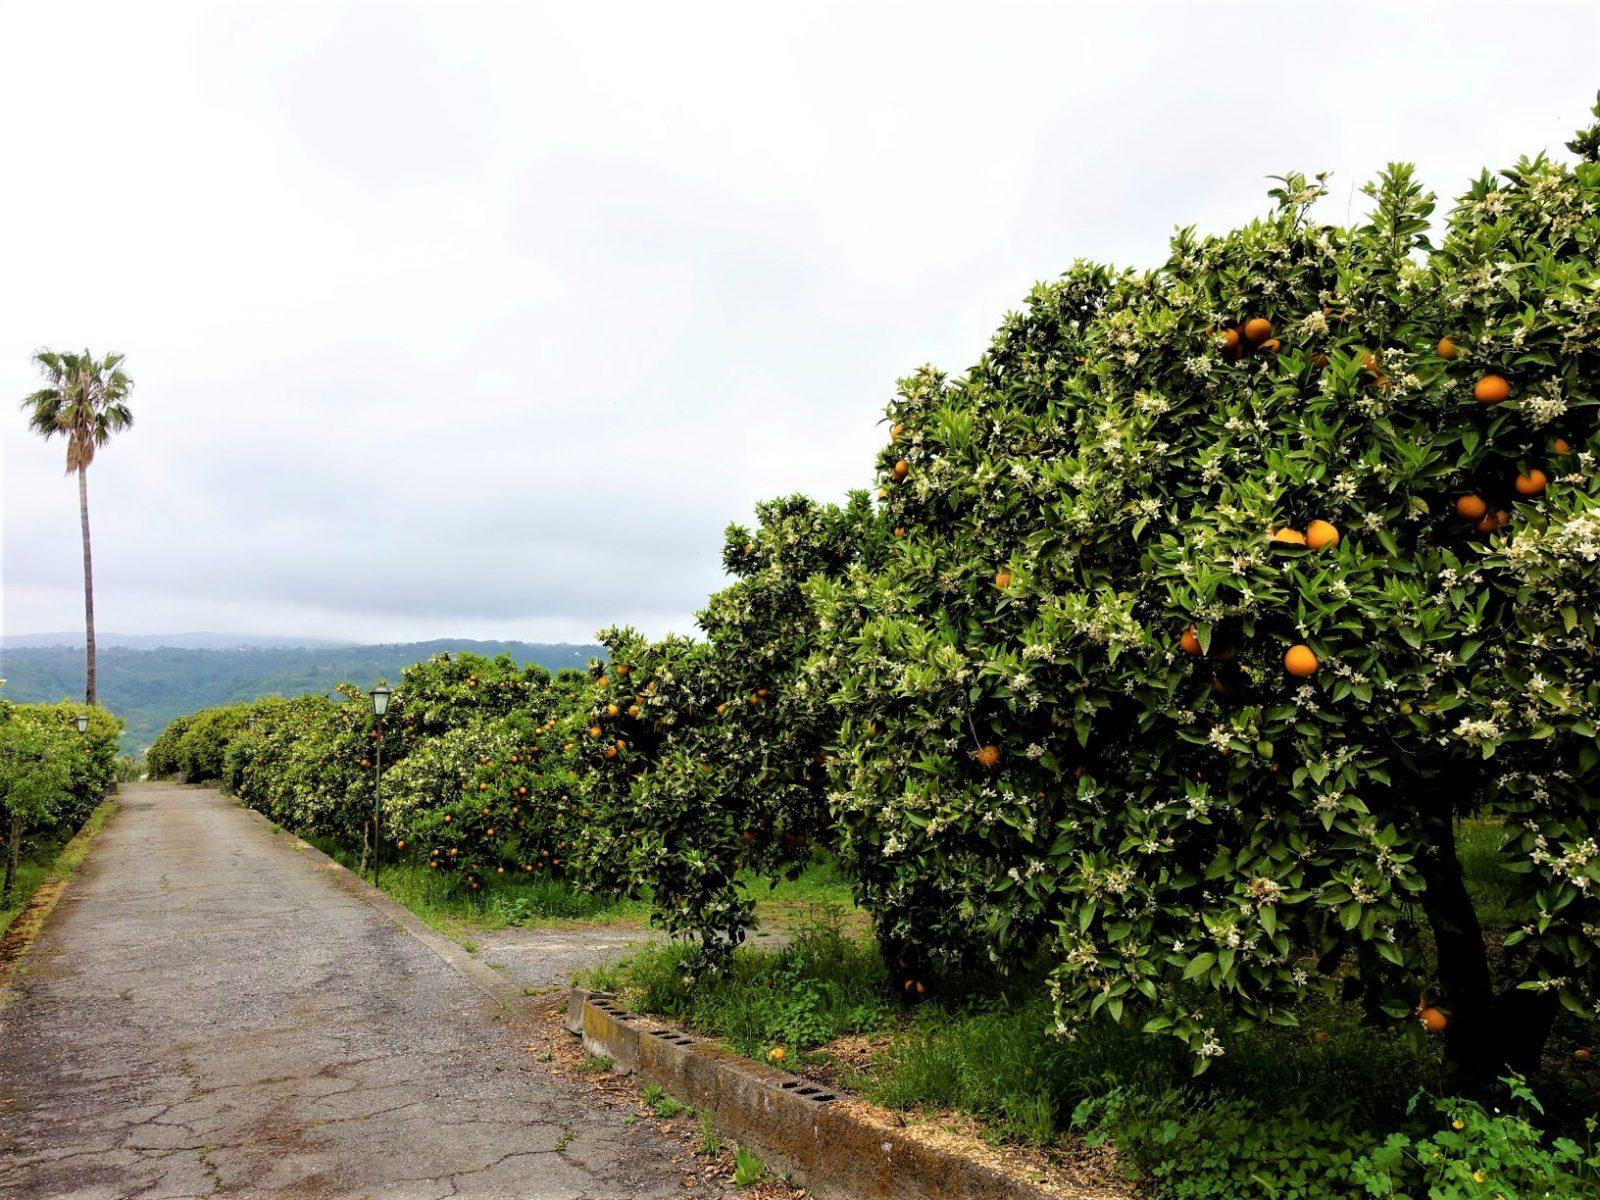 appelsintrær på Sicilia